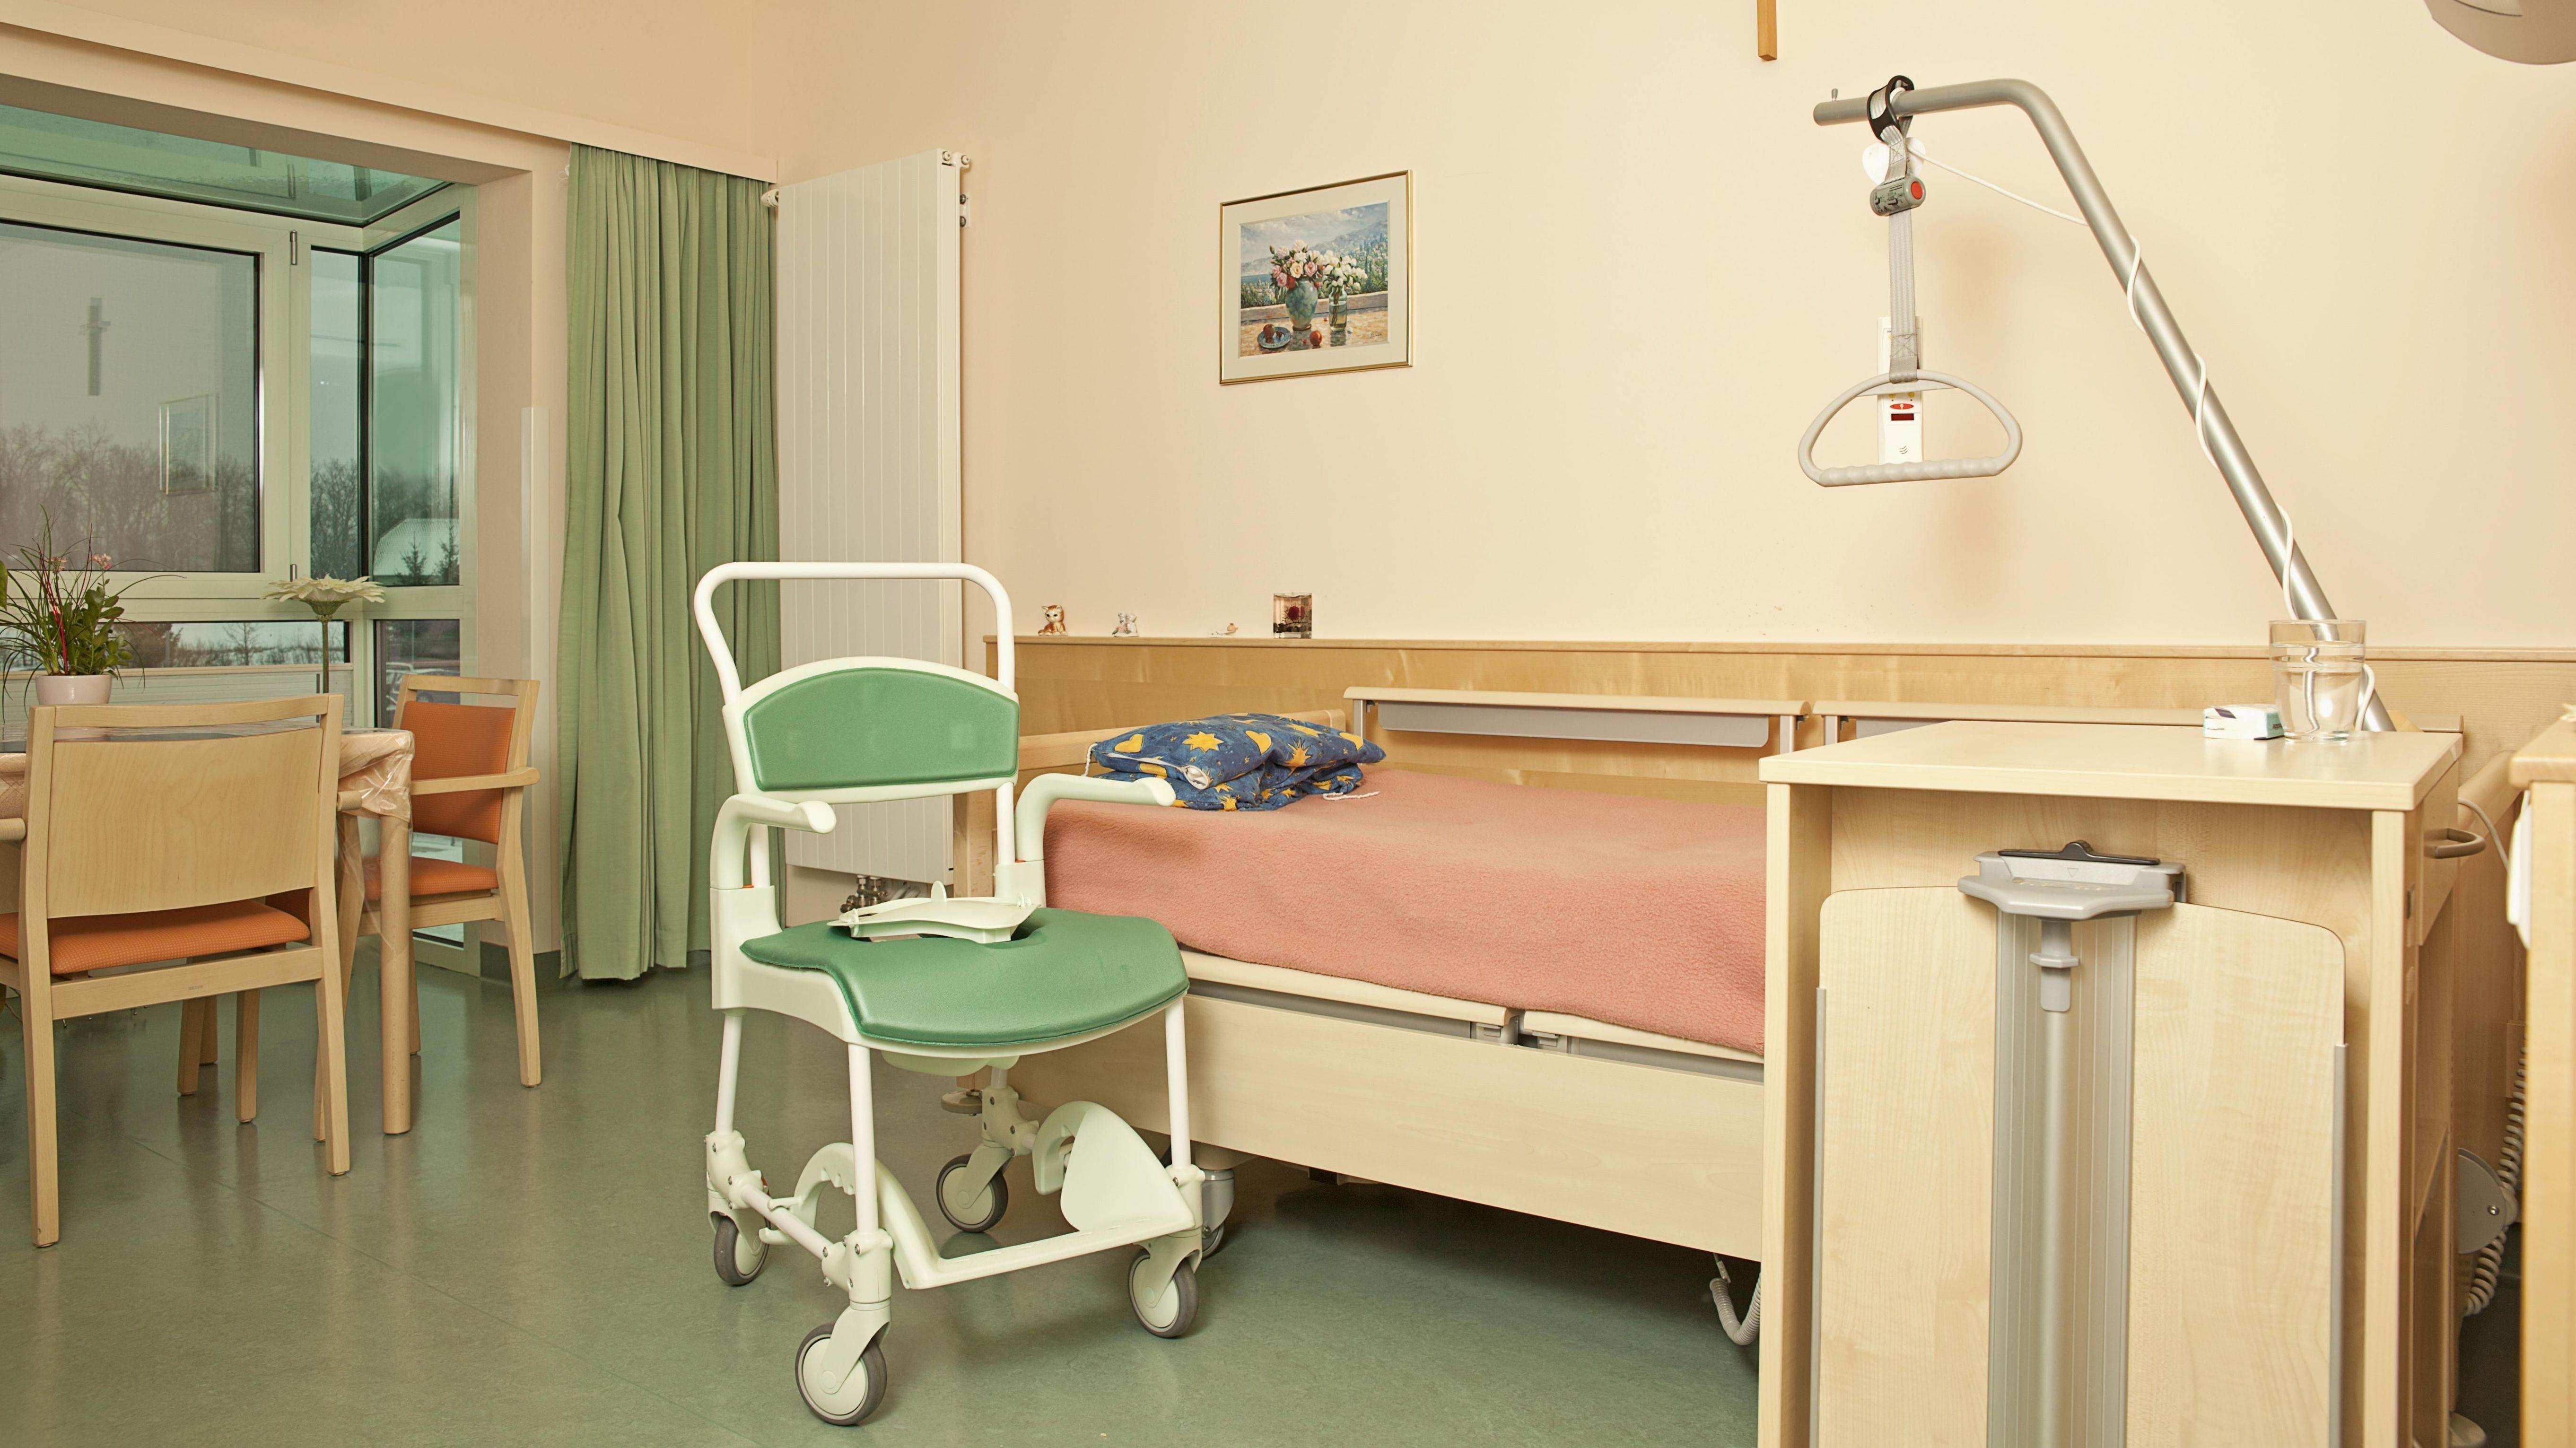 Fachkraftquote für Pflegeheime stellt Heimbetreiber vor Probleme